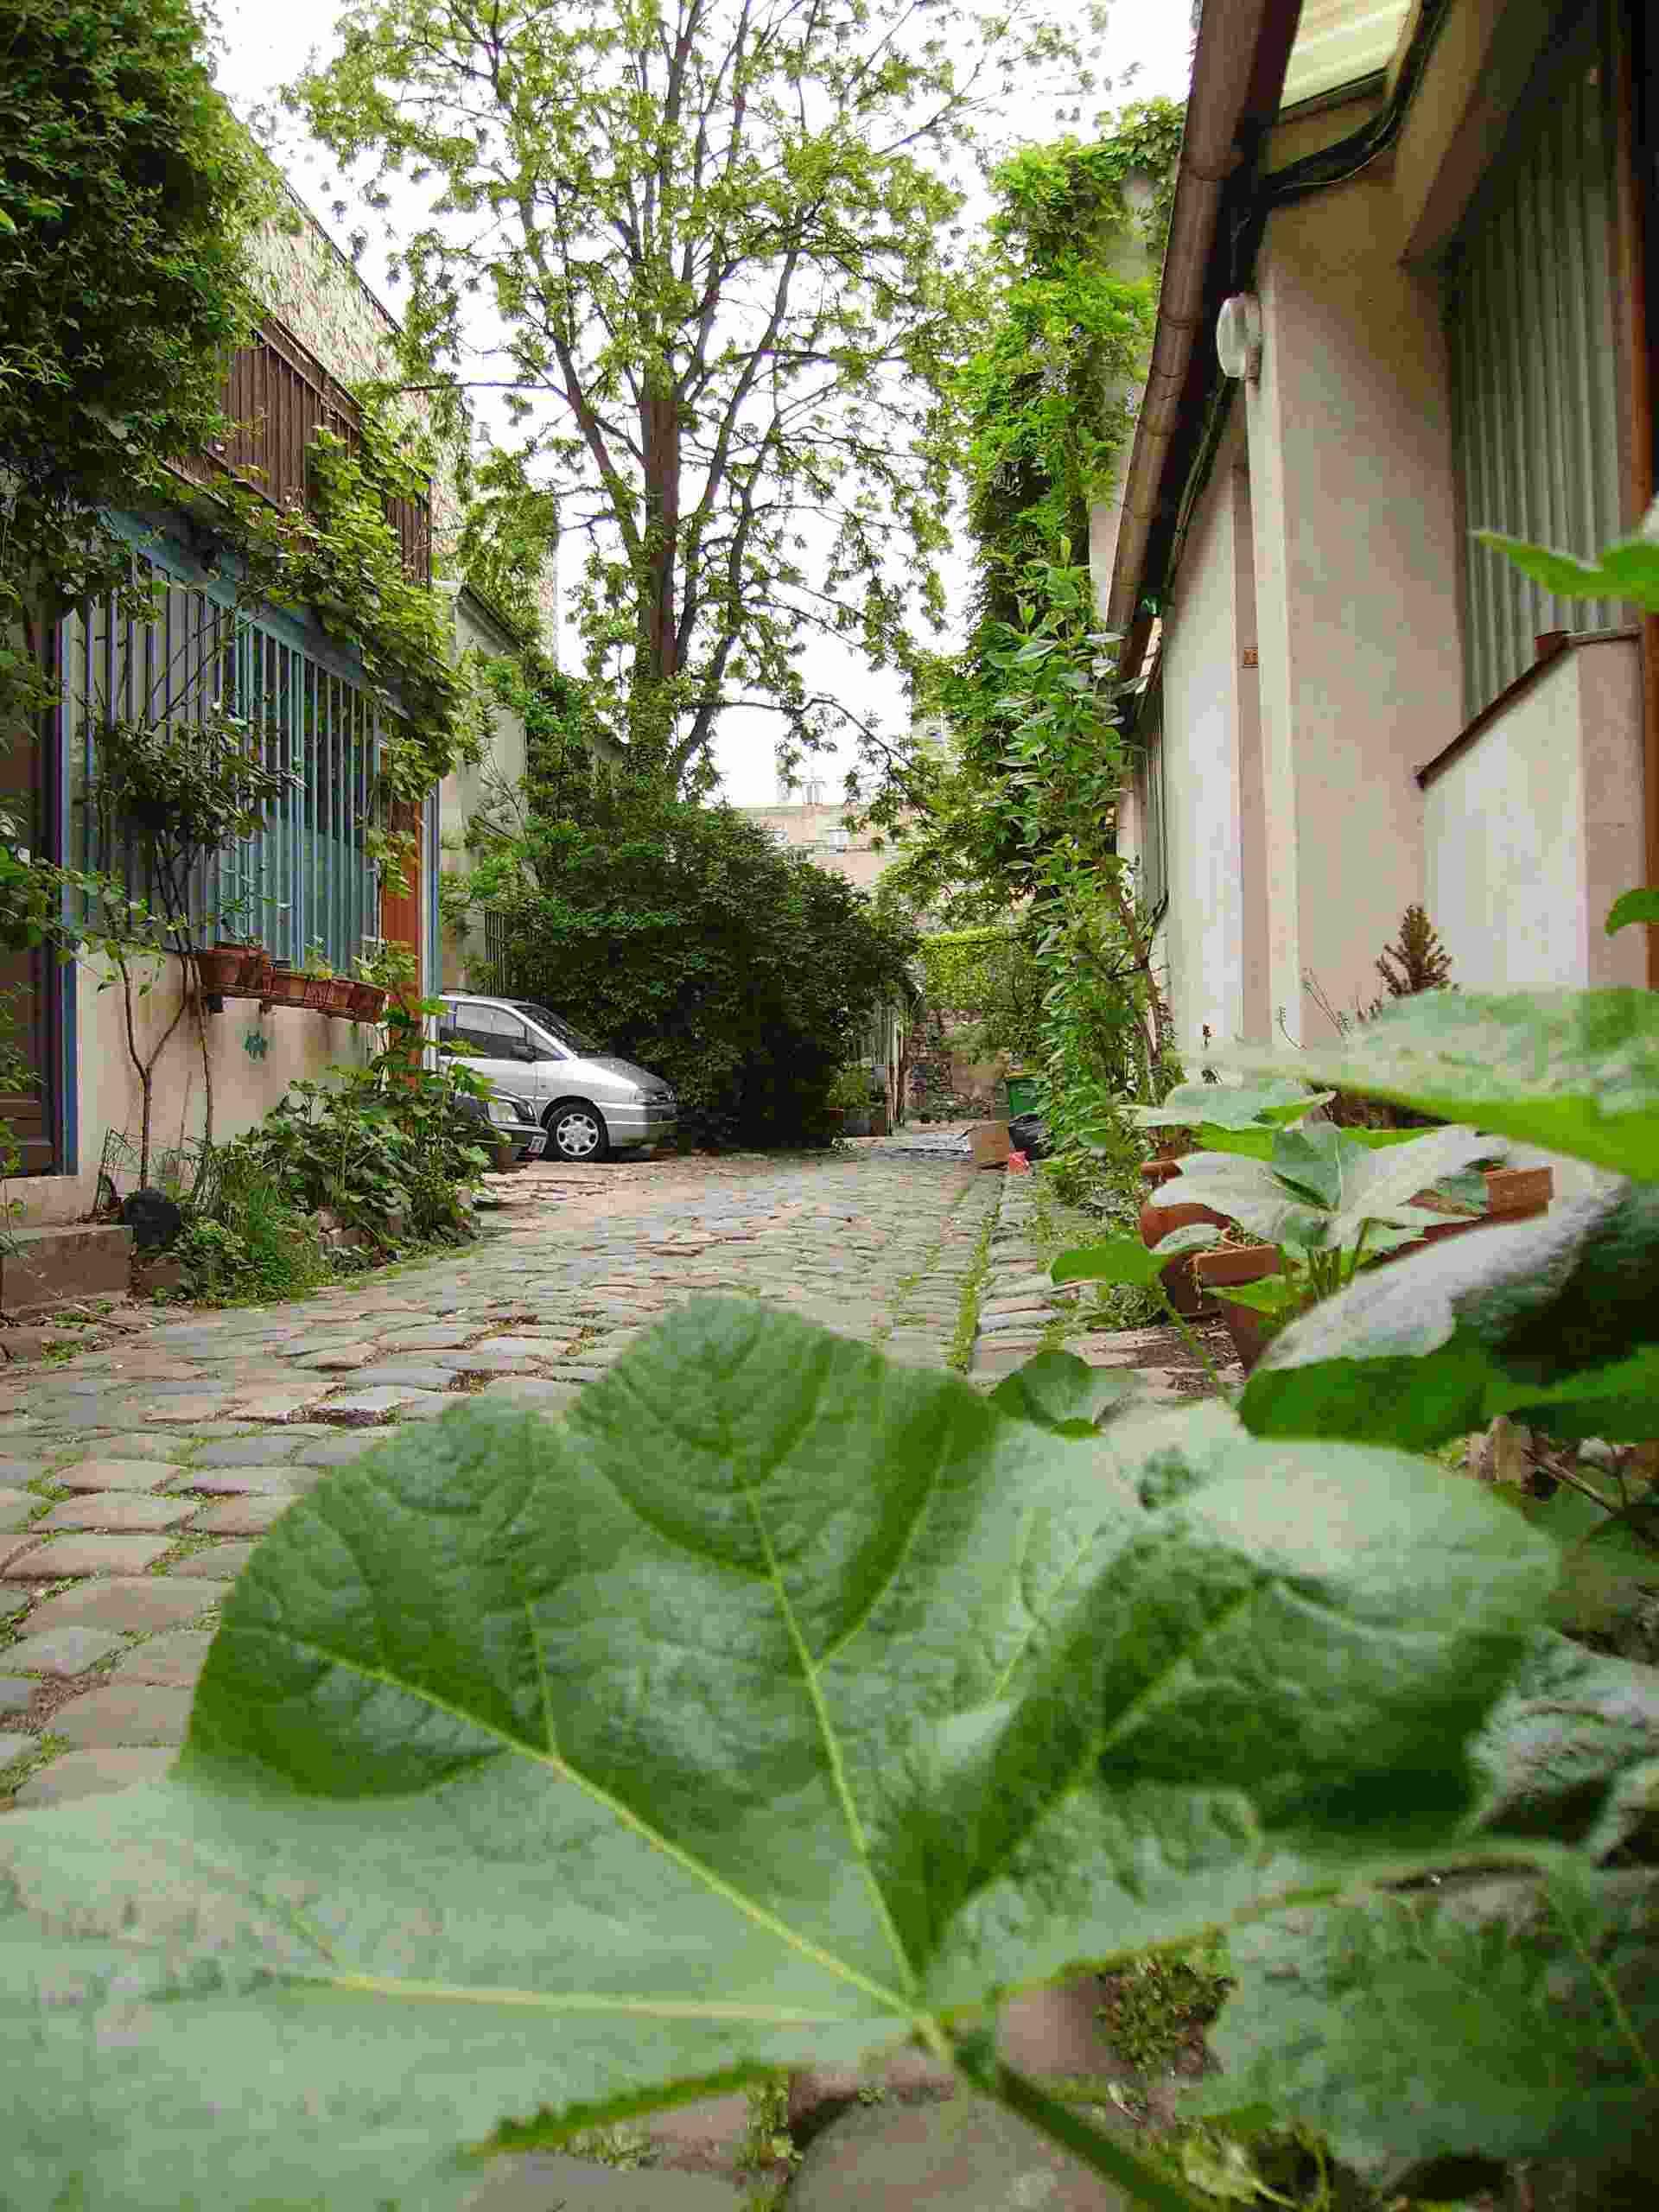 Venez découvrir un Paris authentique et surprenant !